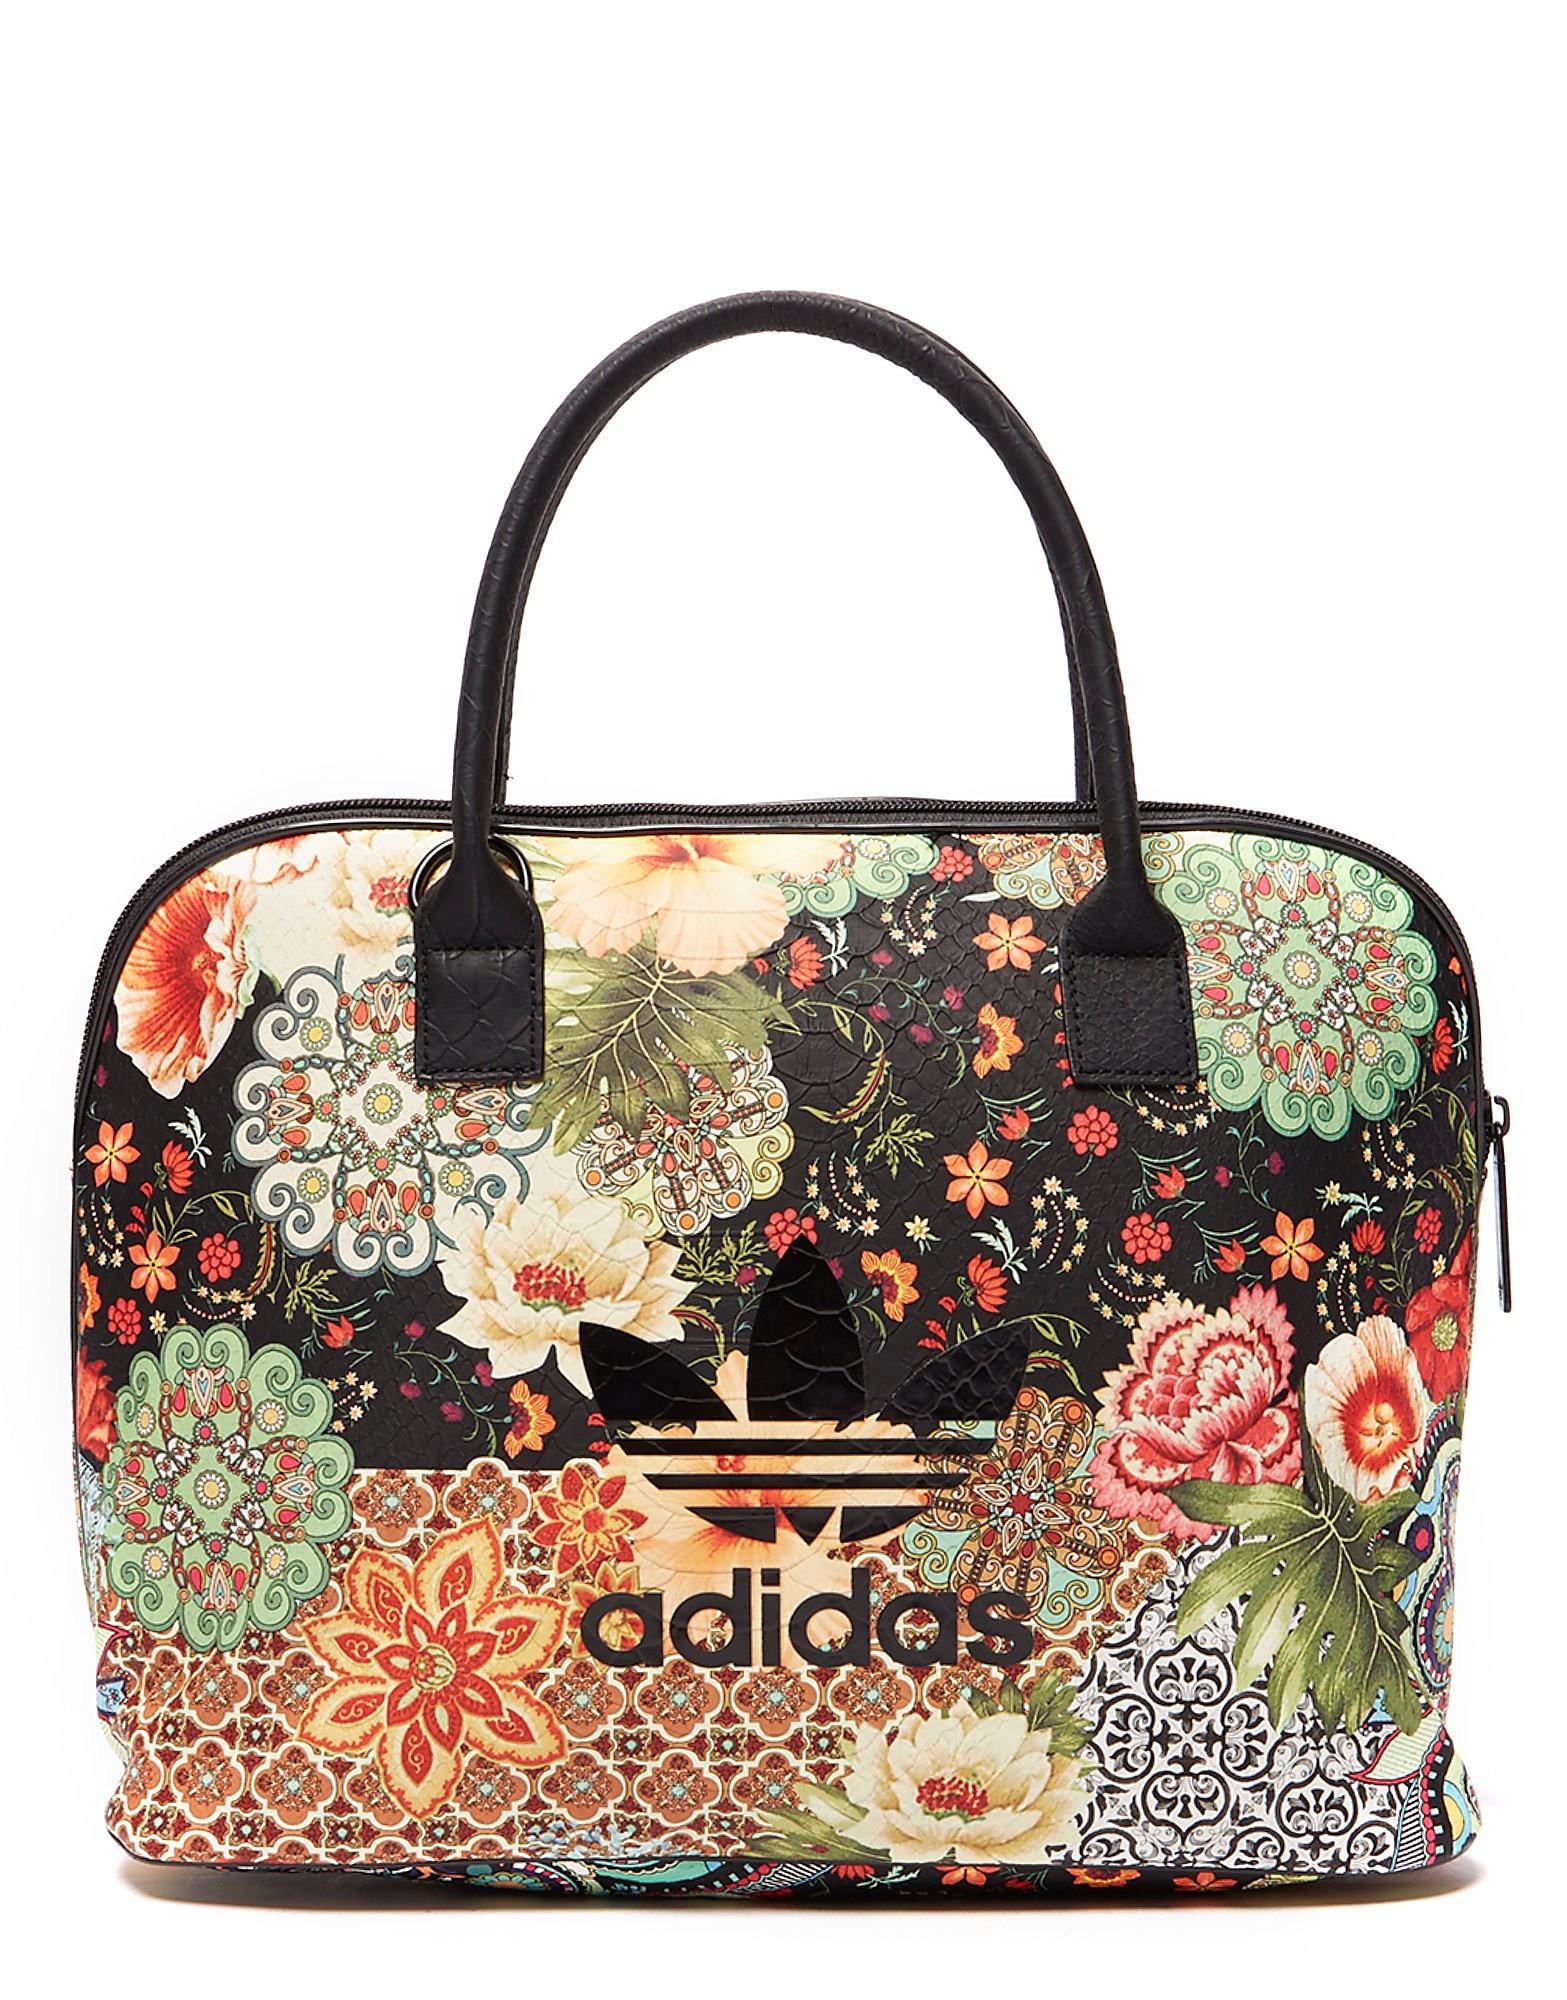 adidas Originals Sac Jardim Aghata Bowling Femme